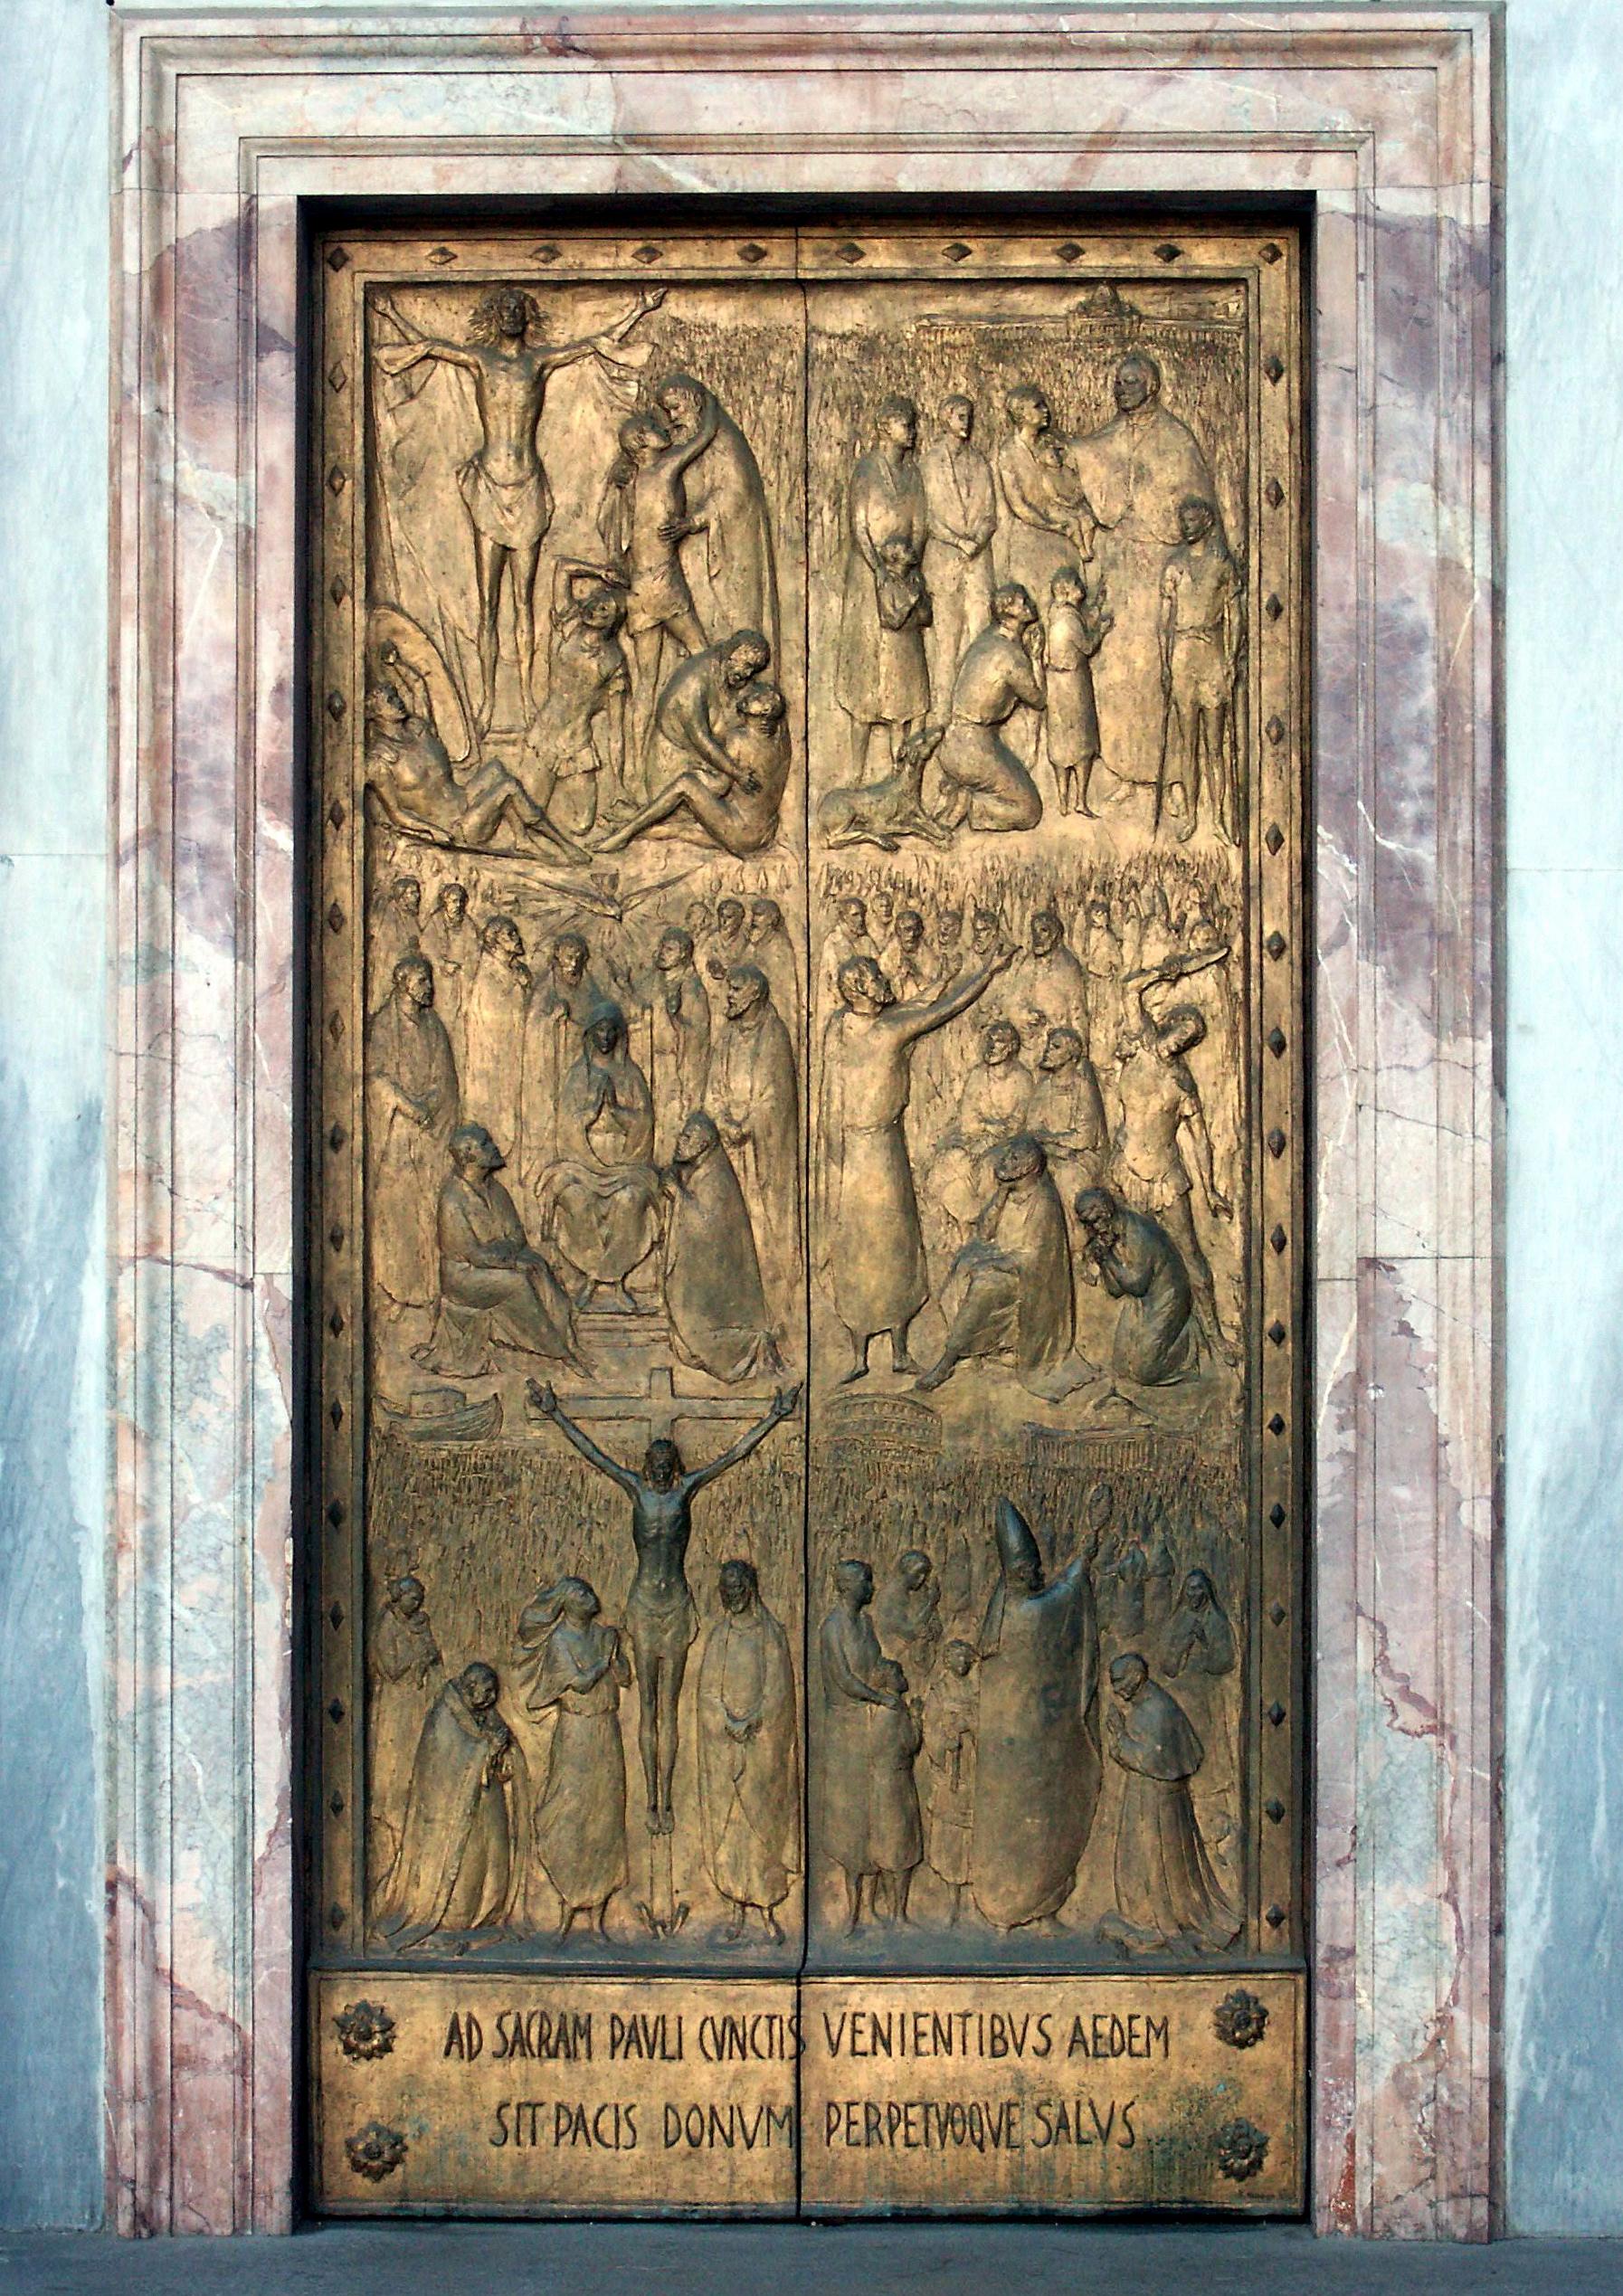 FileRom Sankt Paul vor den Mauern (San Paolo fuori le mura) & File:Rom Sankt Paul vor den Mauern (San Paolo fuori le mura ...